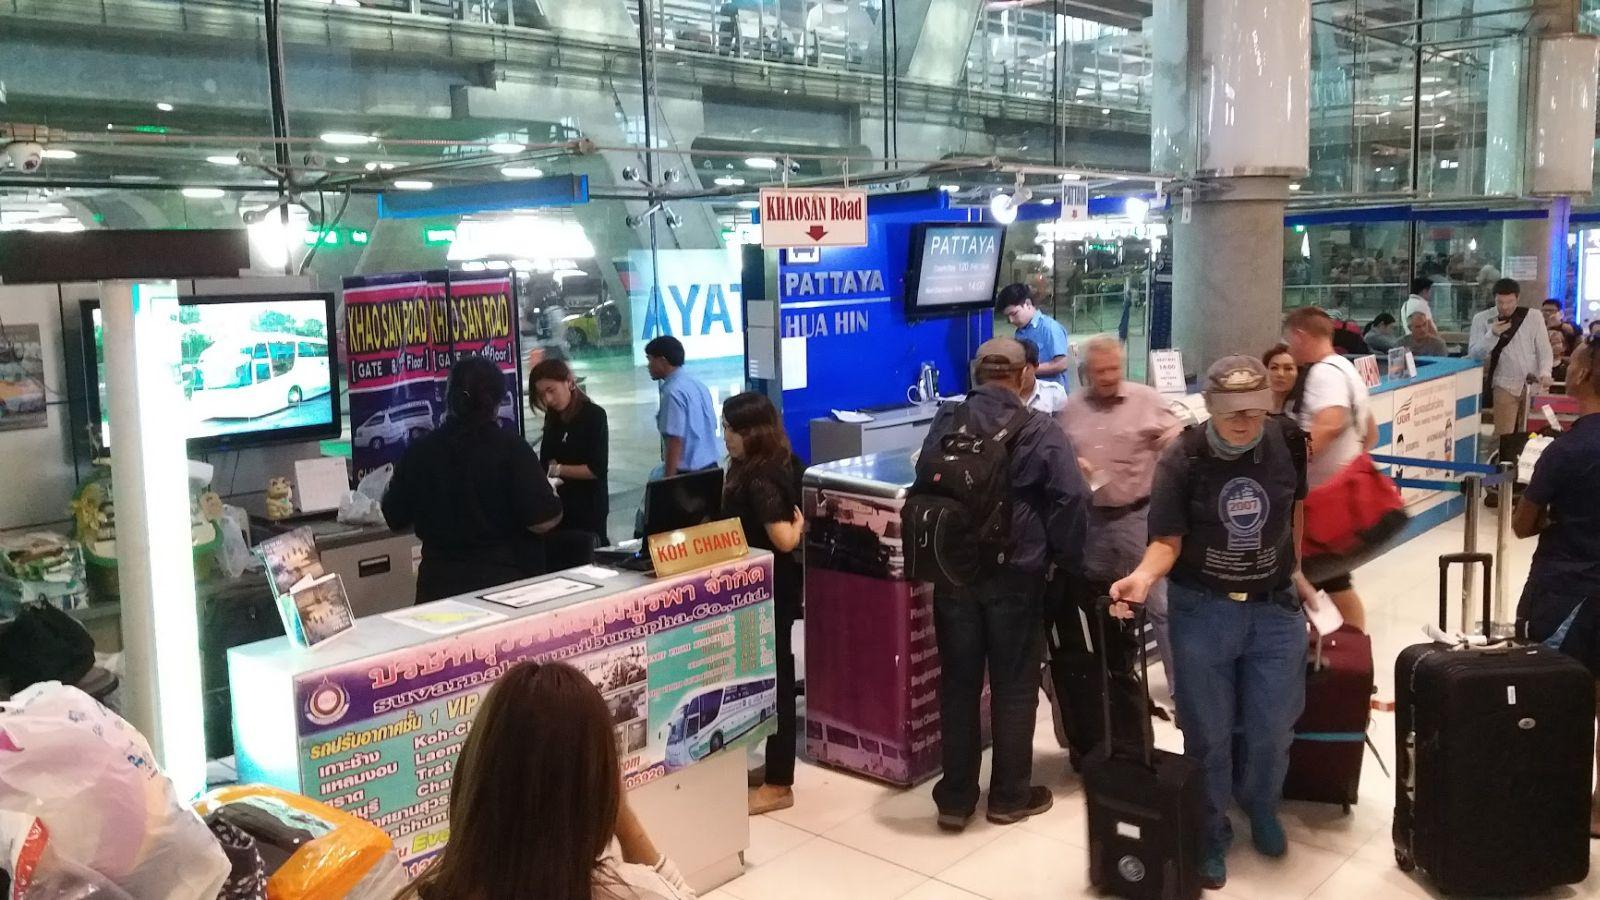 Gate 8 przy którym kupimy bilety na autobus do Khao San, oraz do innych destynacji.